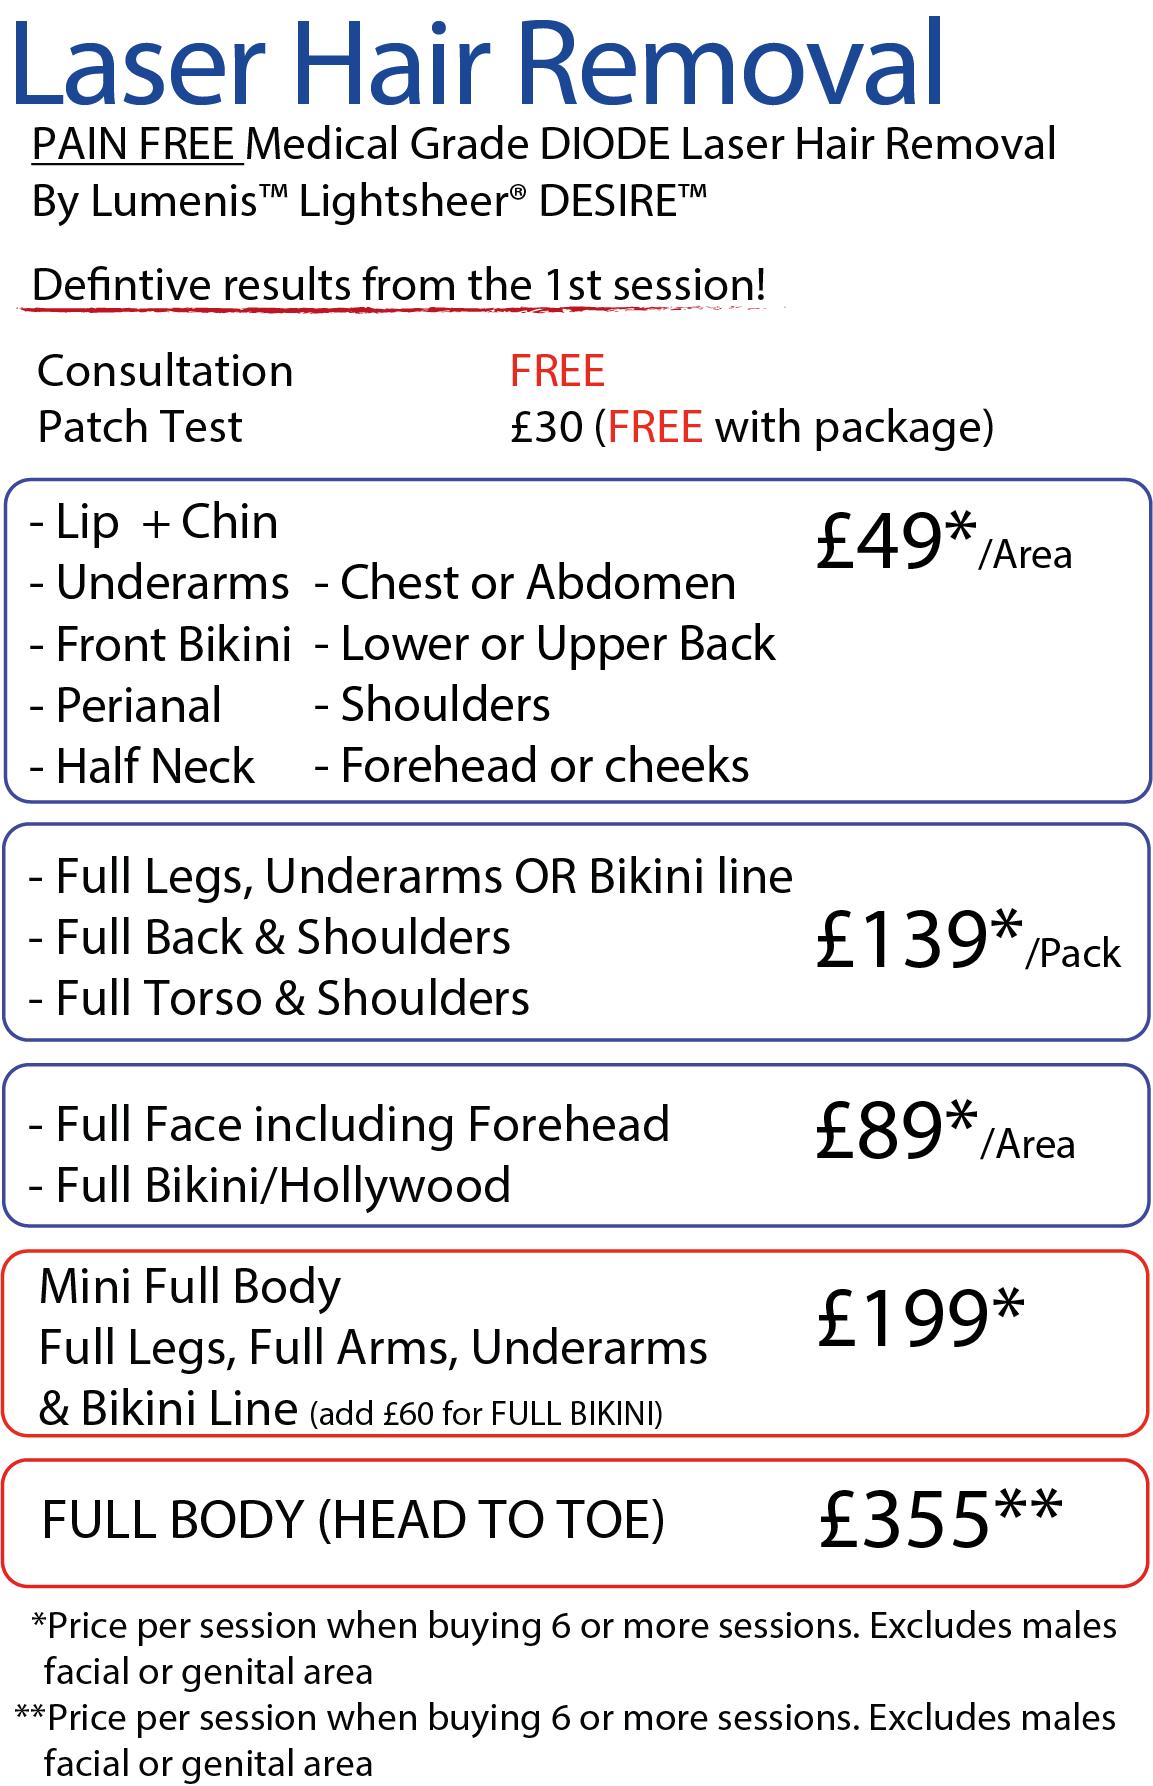 Laser Hair Removal Prices in Leeds, Wakefield, Batley, Dewsbury, Bradford